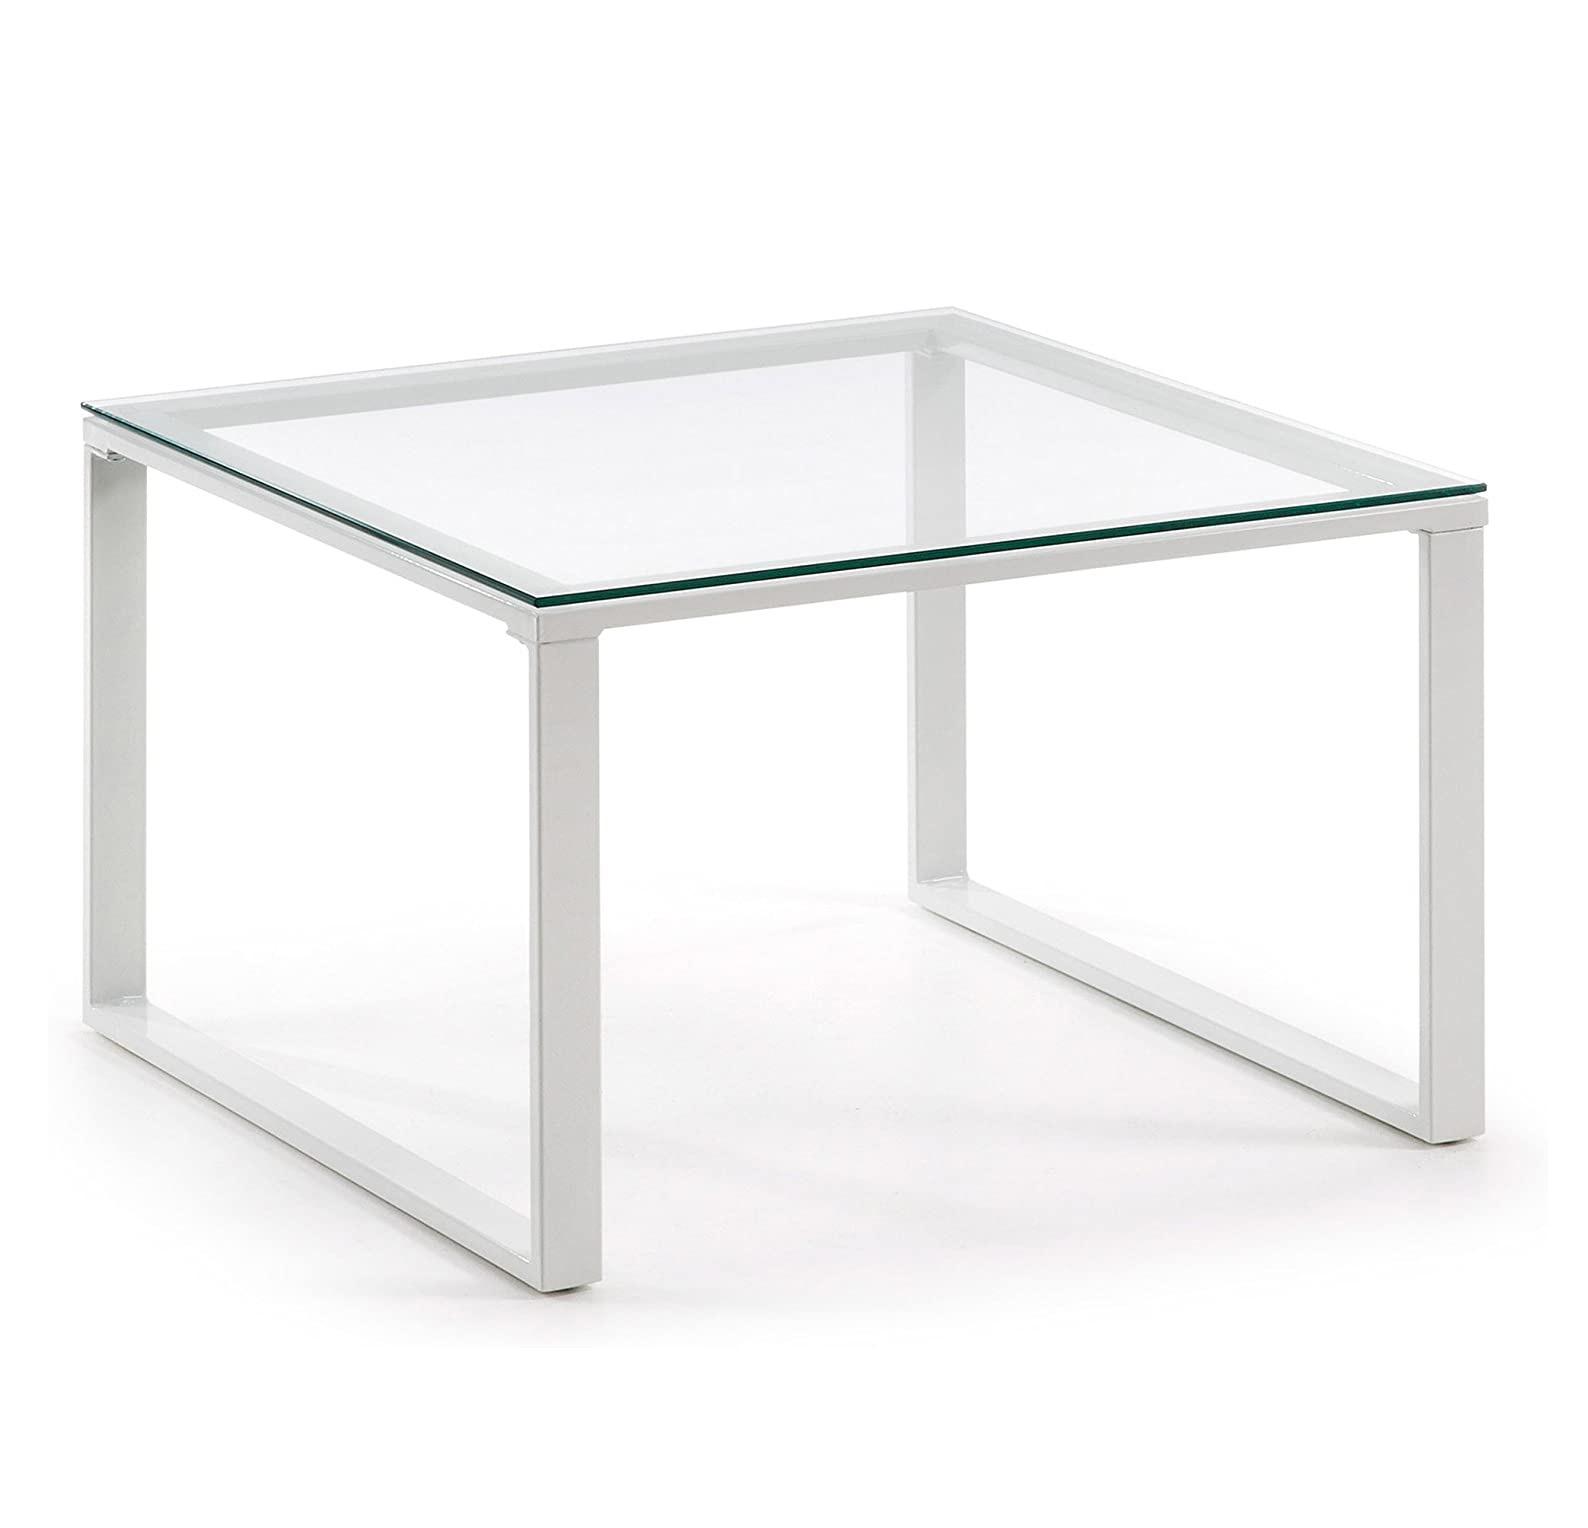 Mesas Transparentes de centro para comedor y salón de cristal tienda de artículos transparentes online estructura metálica